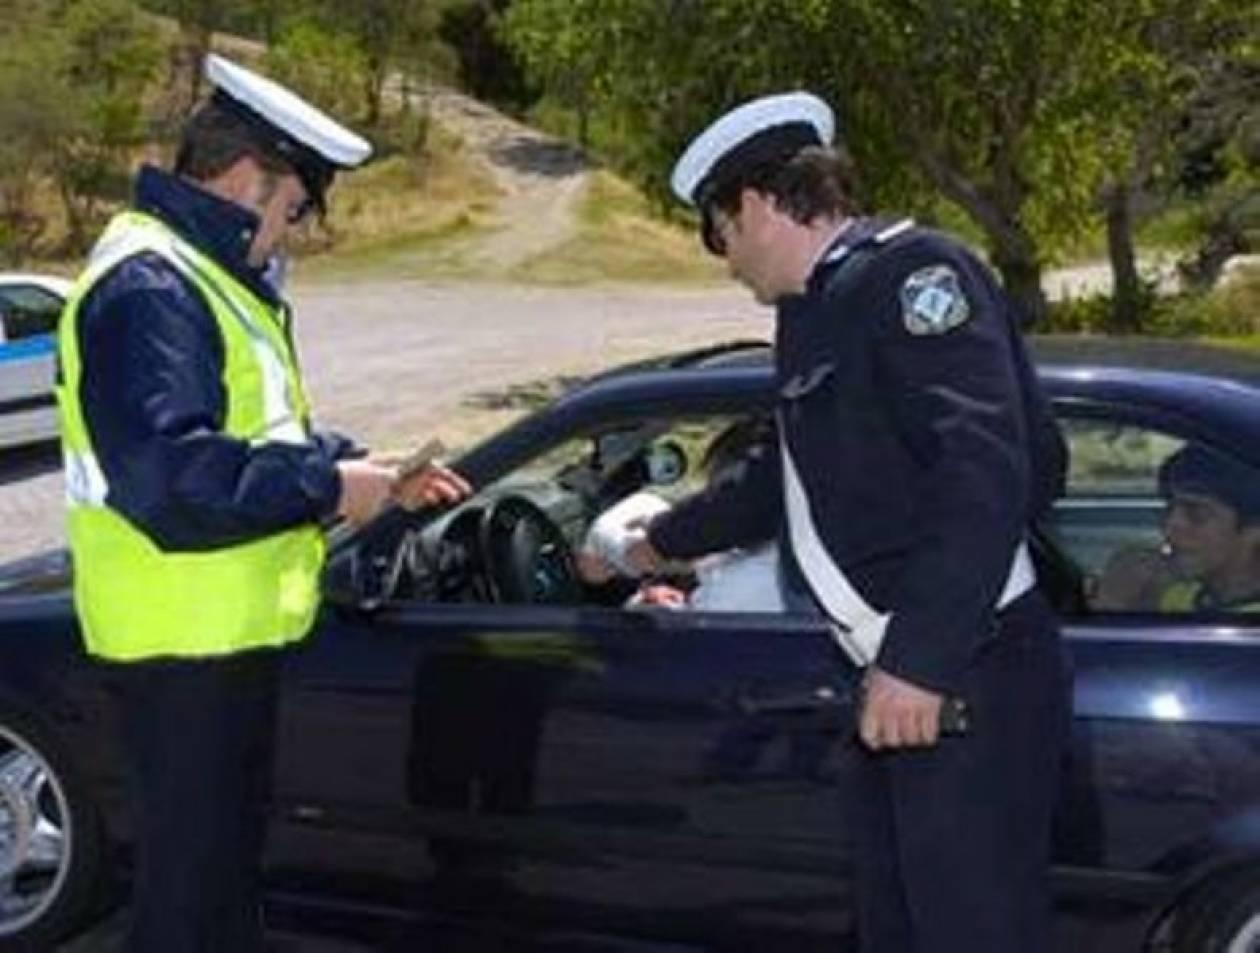 Έρχονται ακόμα πιο «τσουχτερά» πρόστιμα για τους παραβάτες οδηγούς